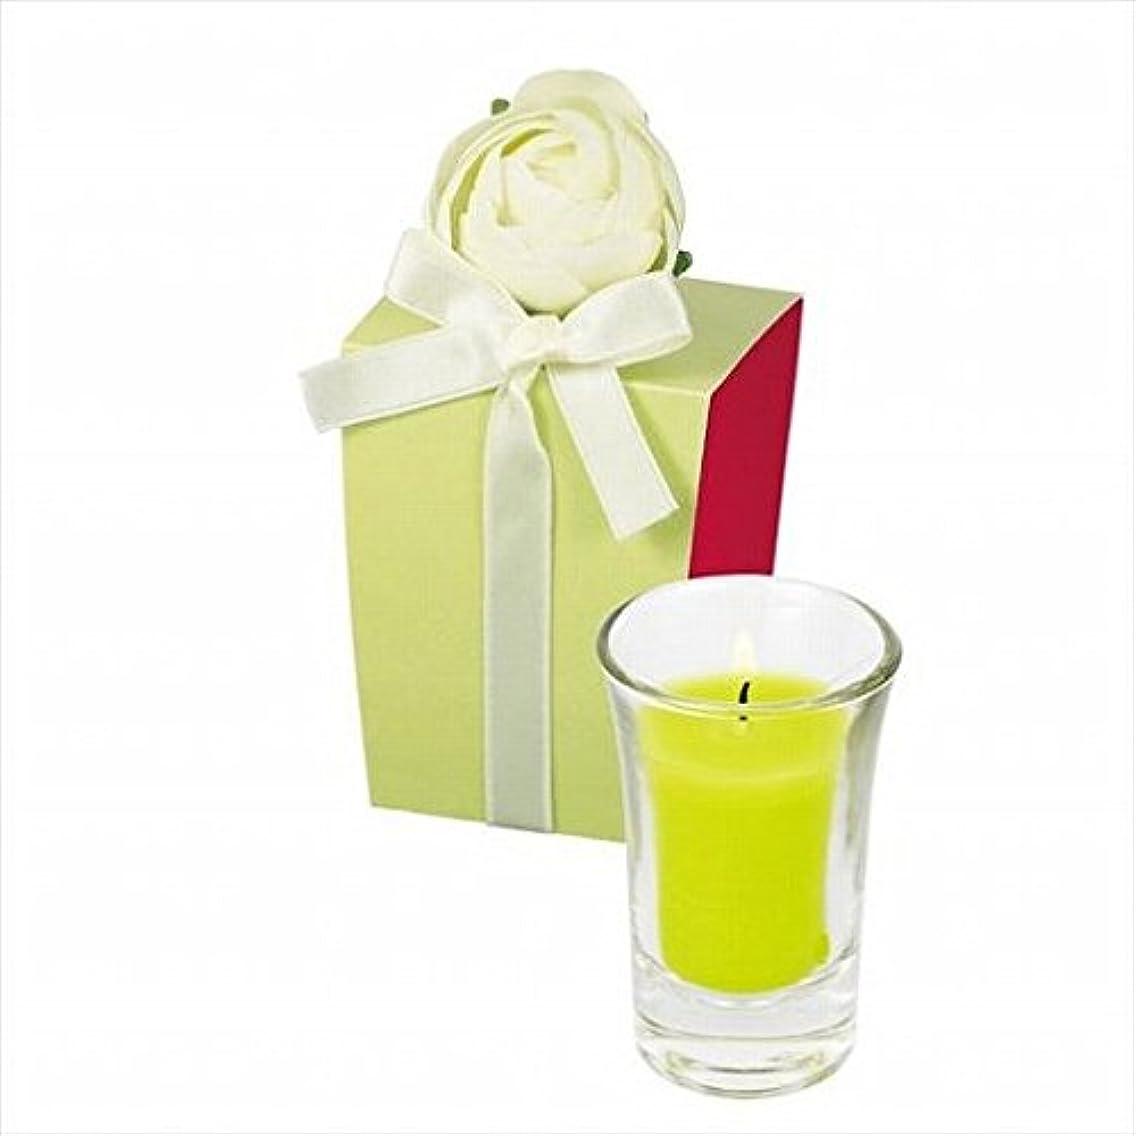 虎植物学特権的kameyama candle(カメヤマキャンドル) ラナンキュラスグラスキャンドル 「 ライトグリーン 」(A9390500LG)